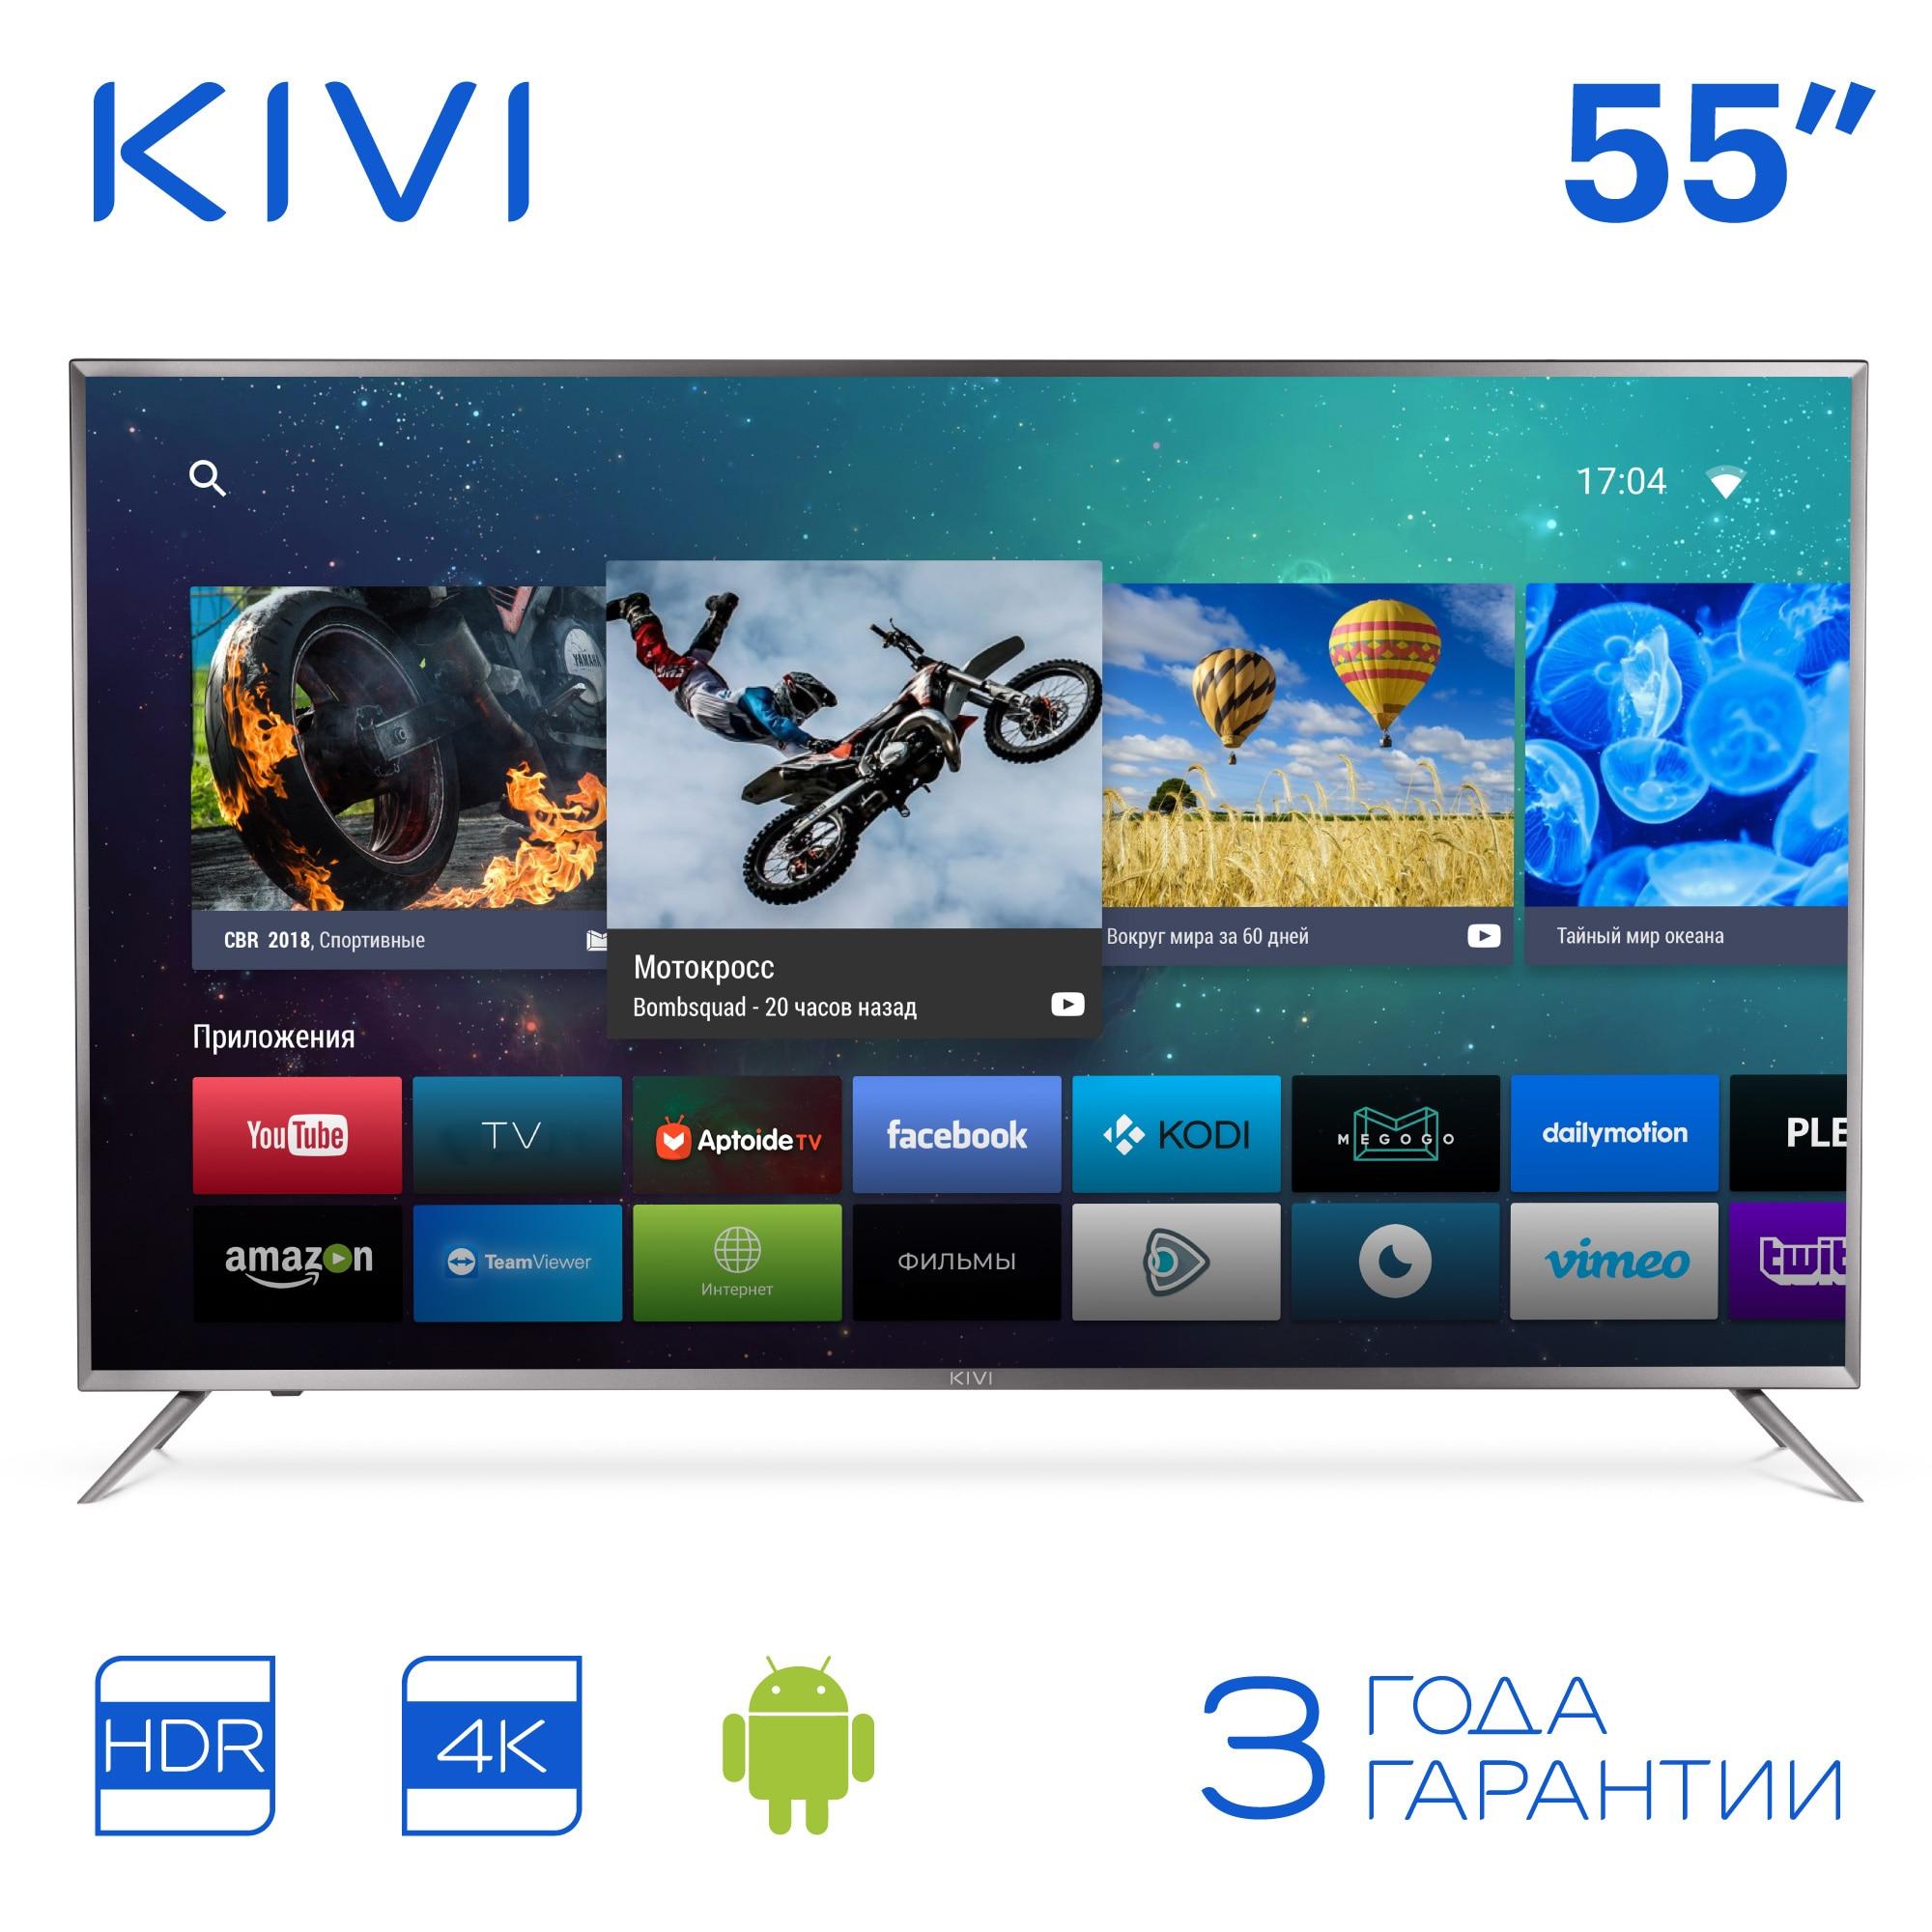 Televisore LED KIVI 55UR50GR UHD 4K Smart TV Android HDR 5055inchTV digitale dvb dvb-t dvb-t2